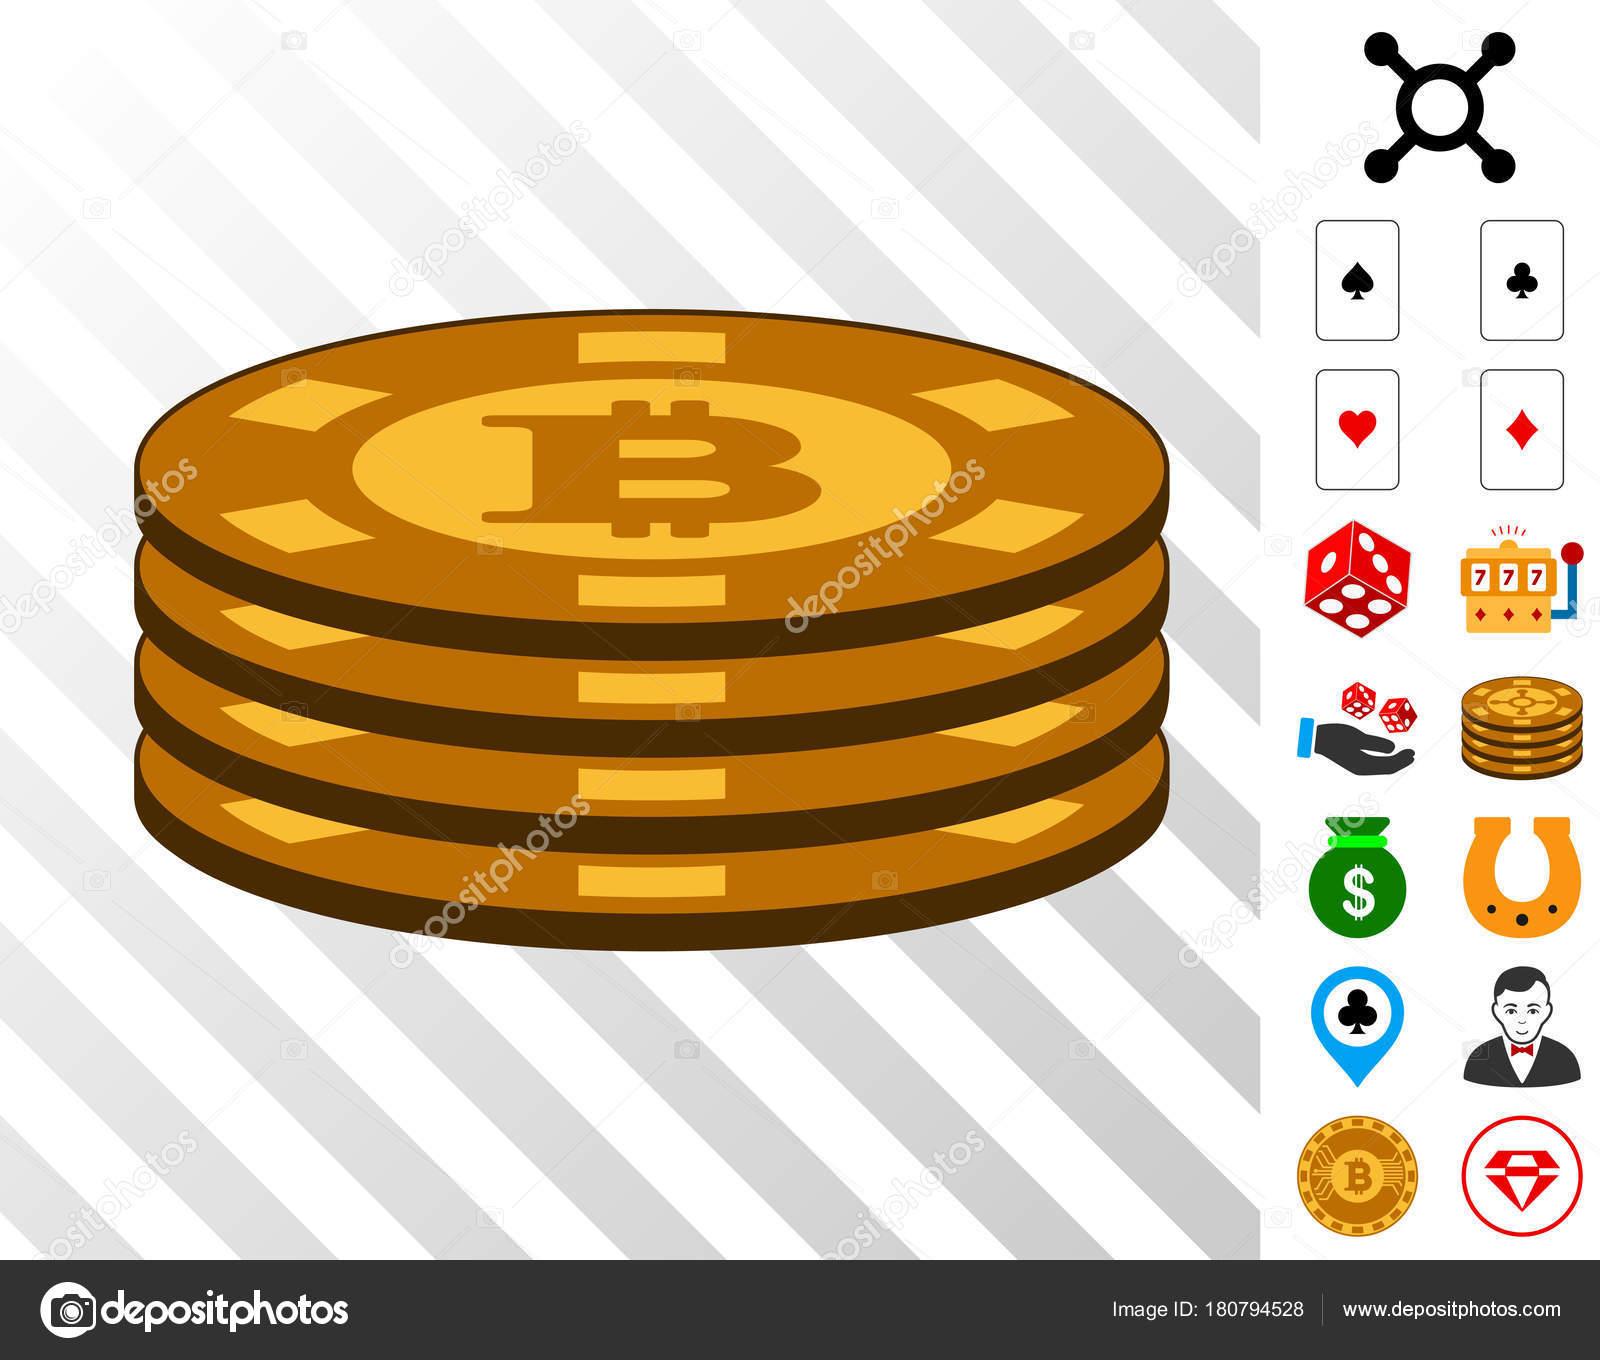 казино биткоин с бонусами